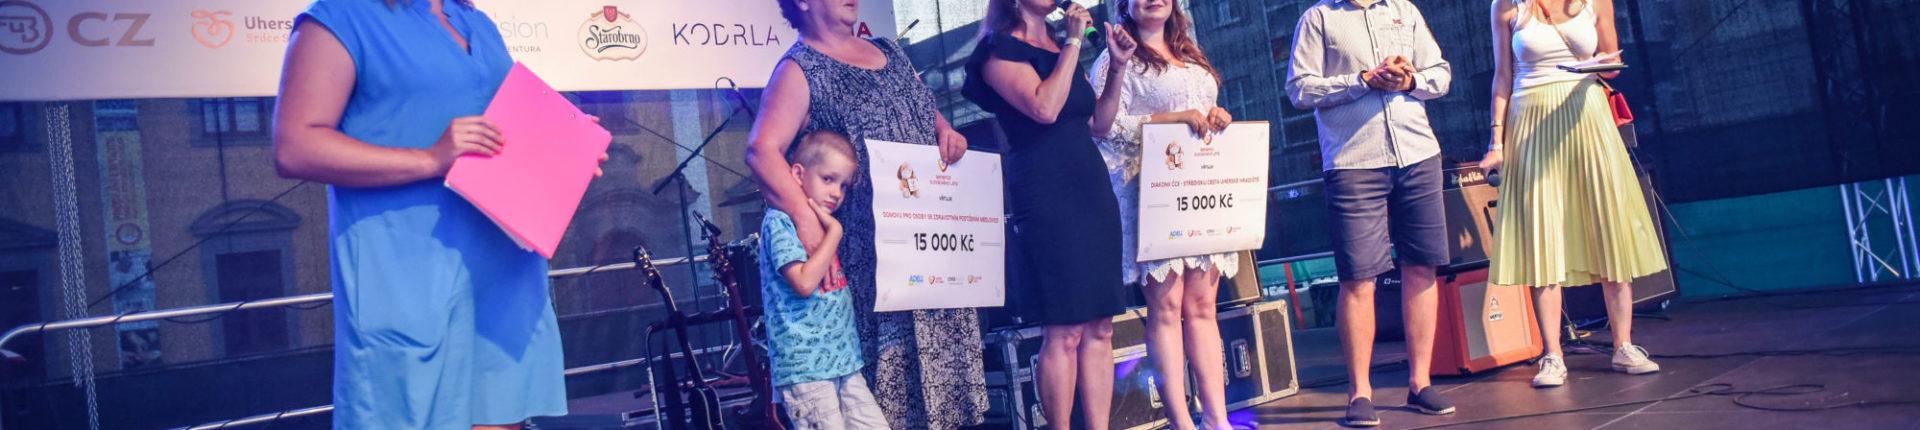 Benefice Slováckého léta: 11 let a téměř milion korun na dobrou věc